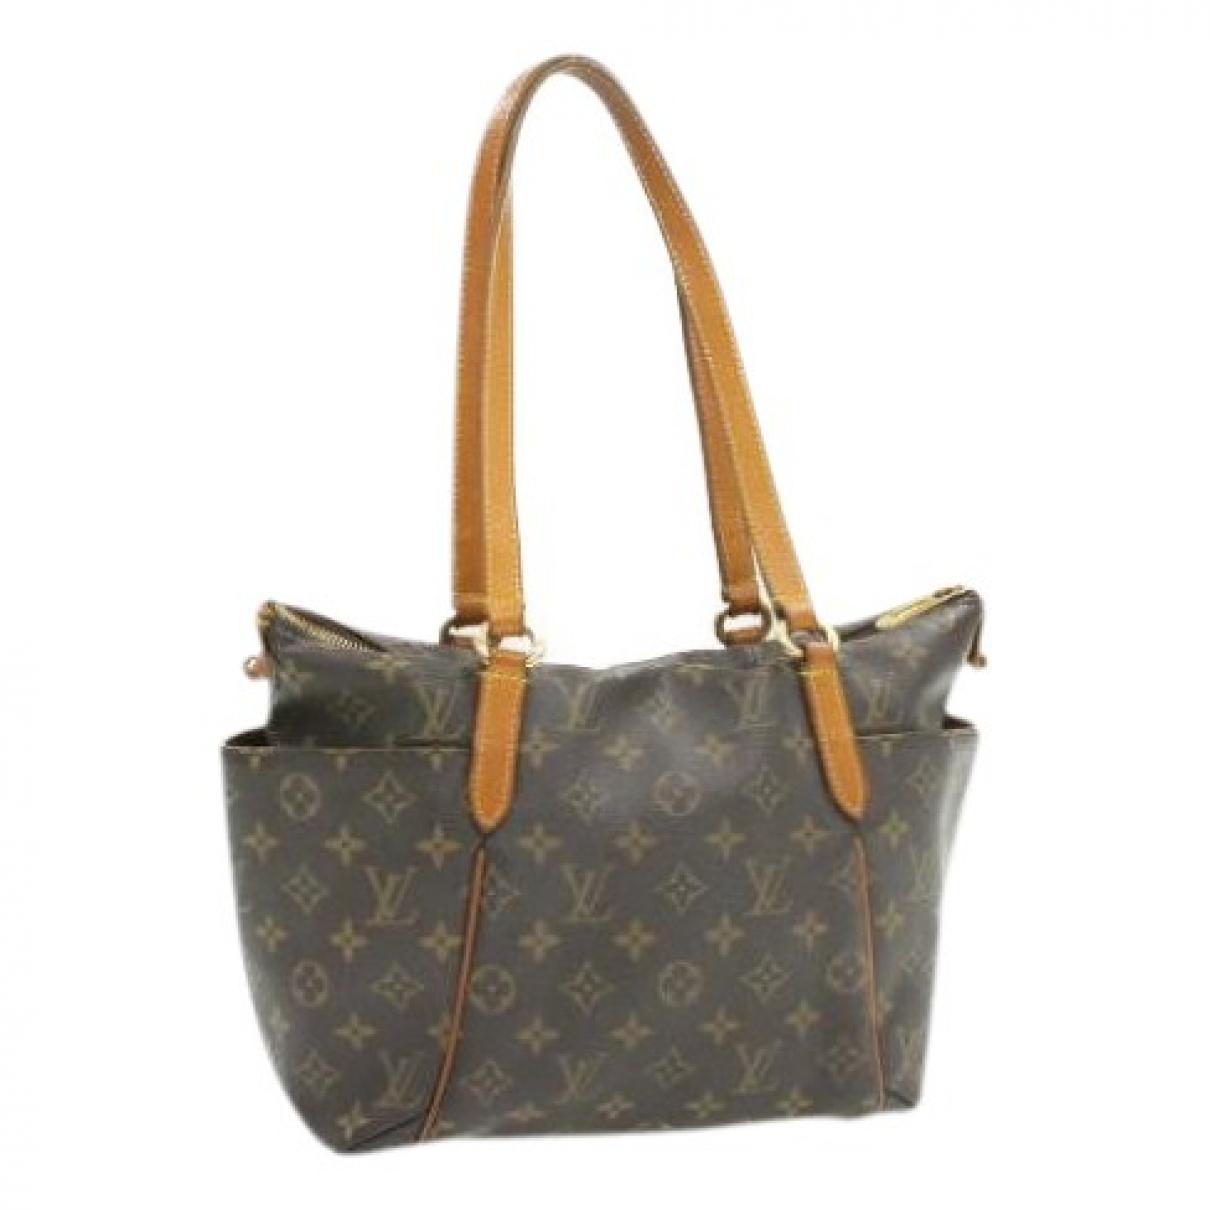 Bolso Totally de Lona Louis Vuitton